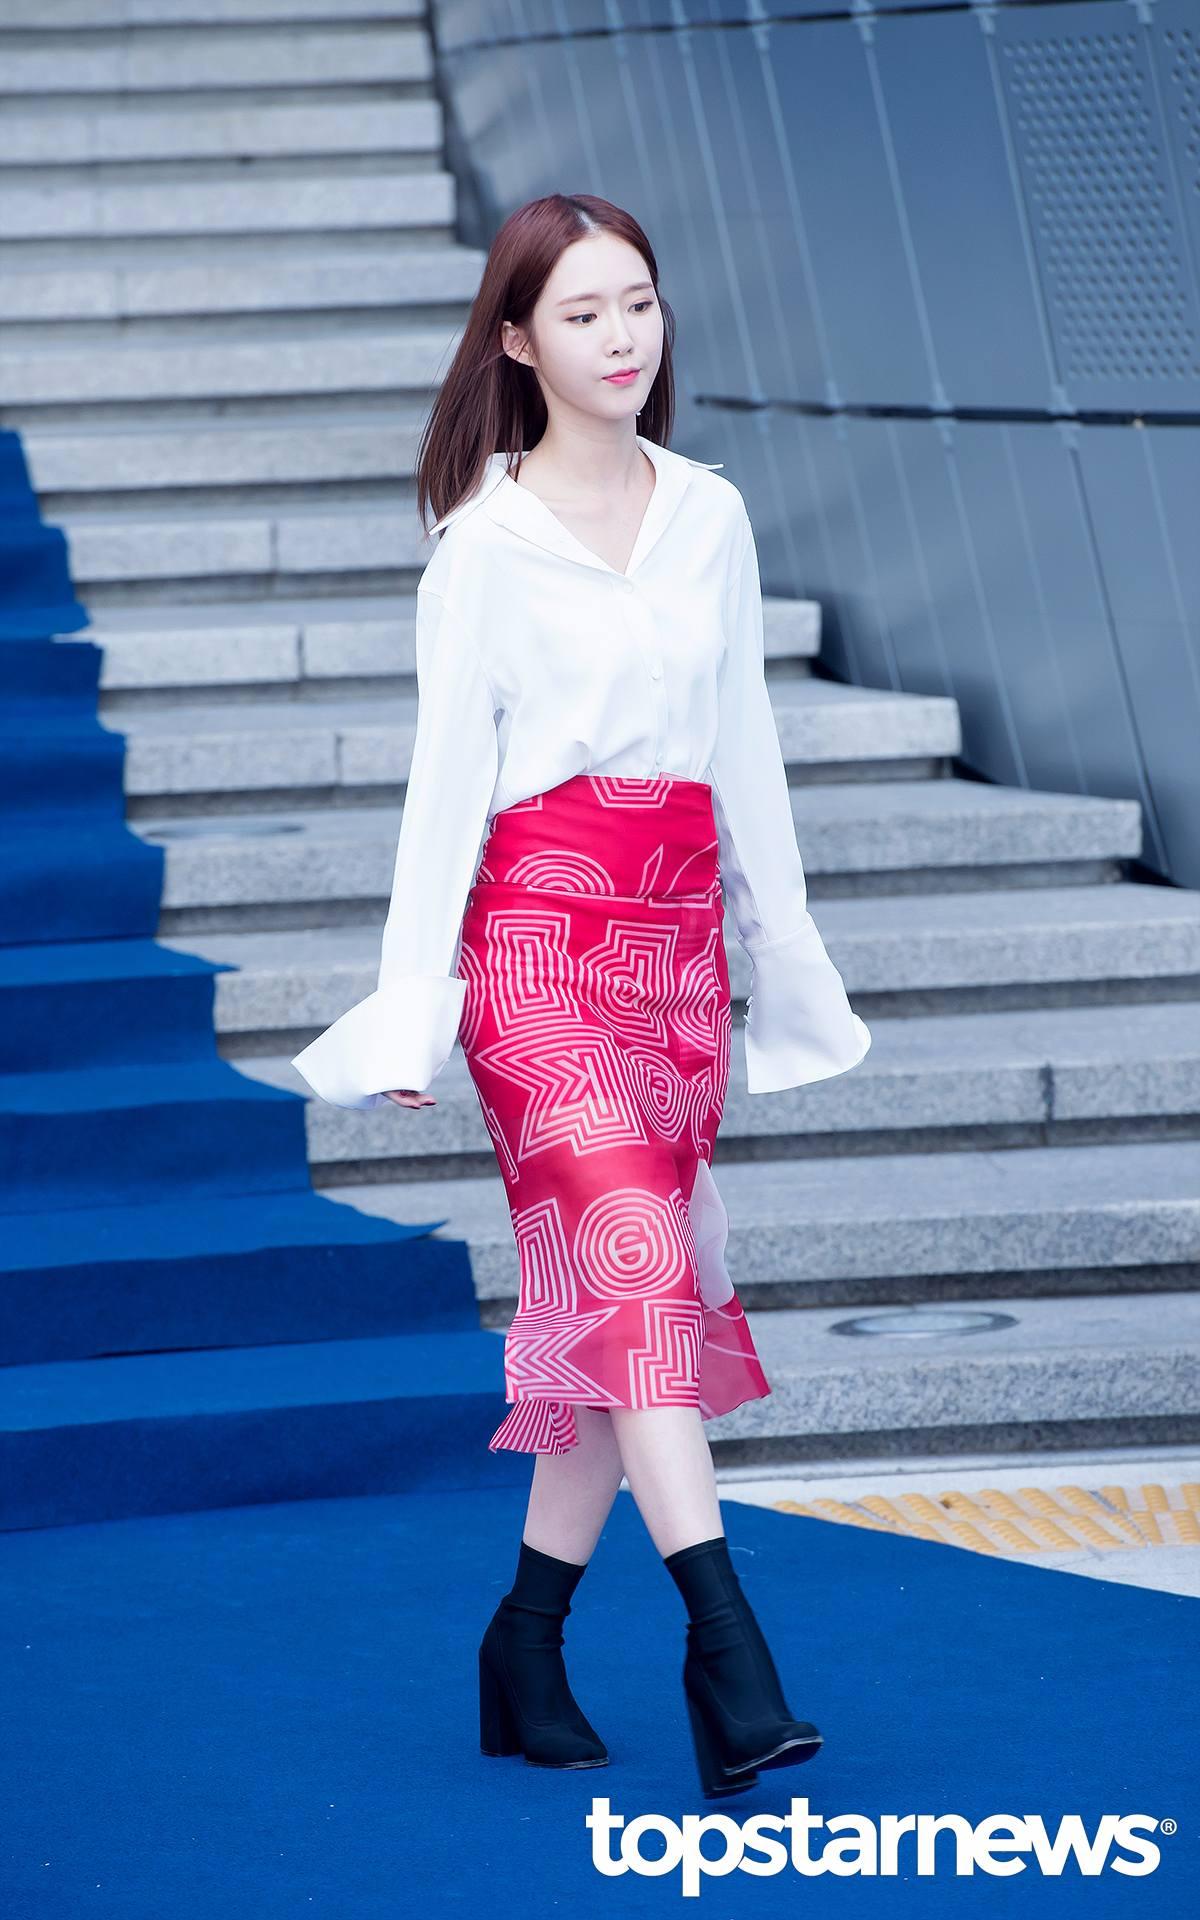 承希的穿搭跟泫雅類似...只是多了一分青春的氣息,少女感十足!枚紅色包臀過膝魚尾裙搭配白色喇叭袖白色襯衫,非常的亮眼...有發現嗎?裙子上的印花都是字母哦^^